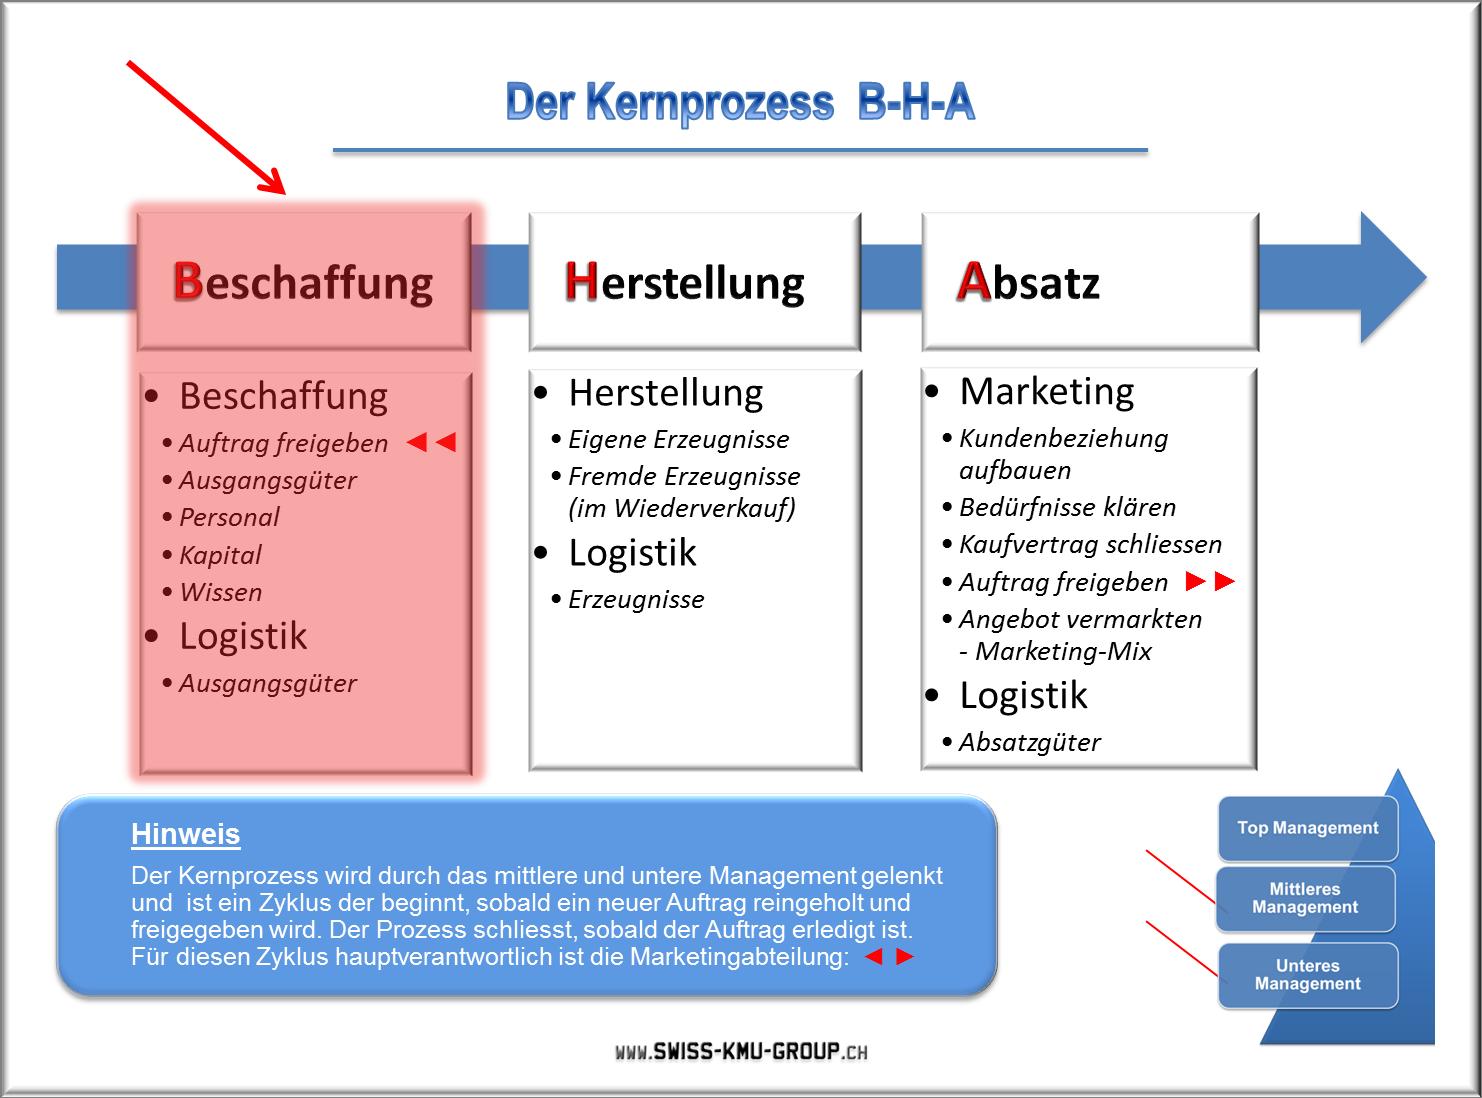 Den Forschungs- und Innovationsstandort Österreich stärken